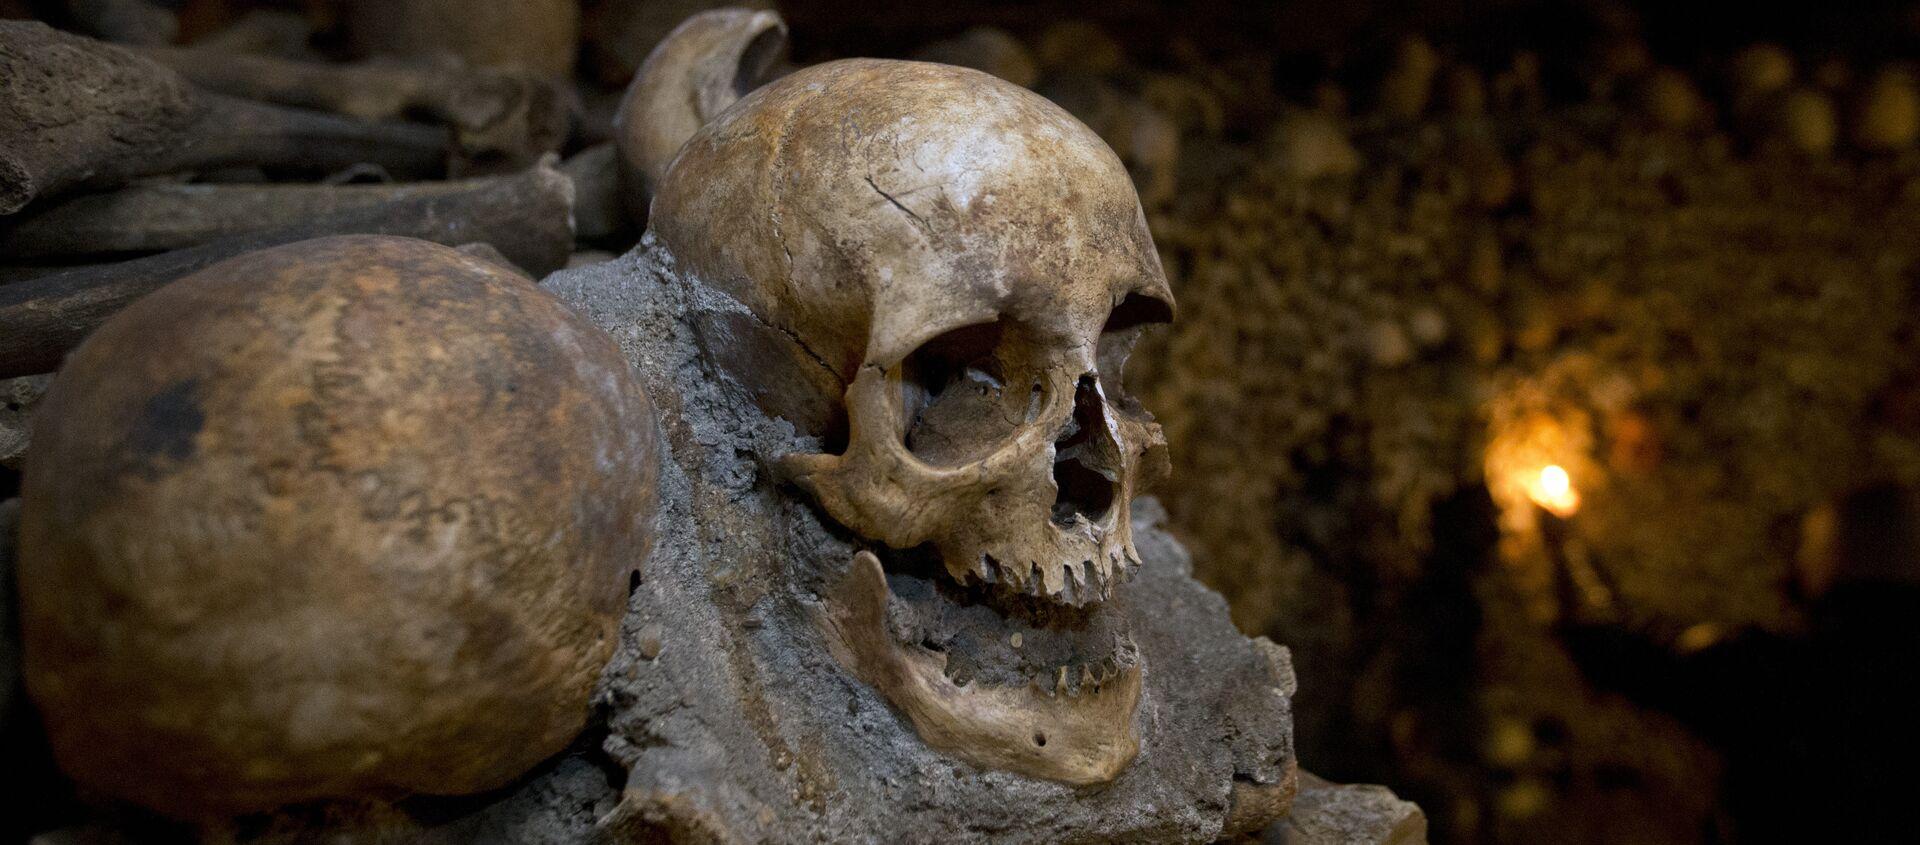 Huesos en una cueva (imagen referencial) - Sputnik Mundo, 1920, 23.03.2017